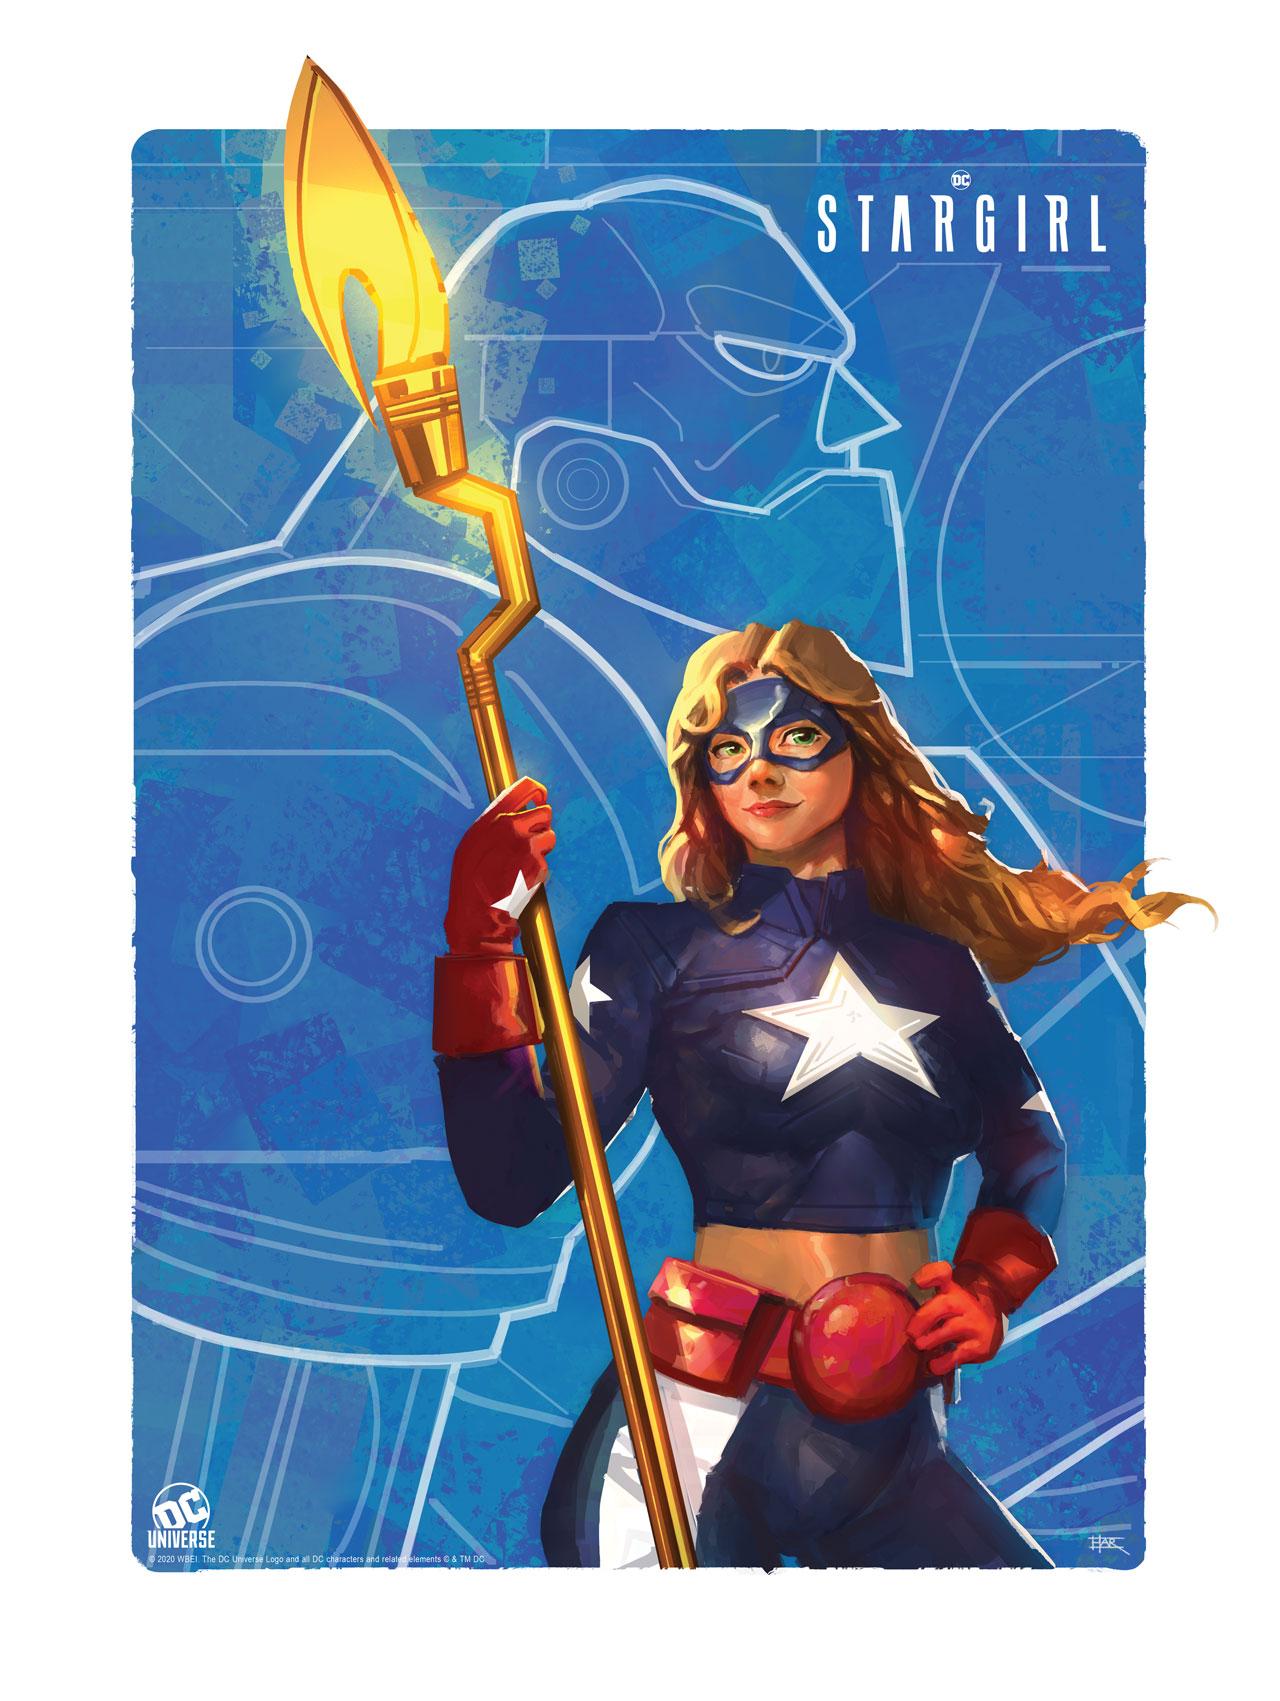 stargirl_poster.jpg